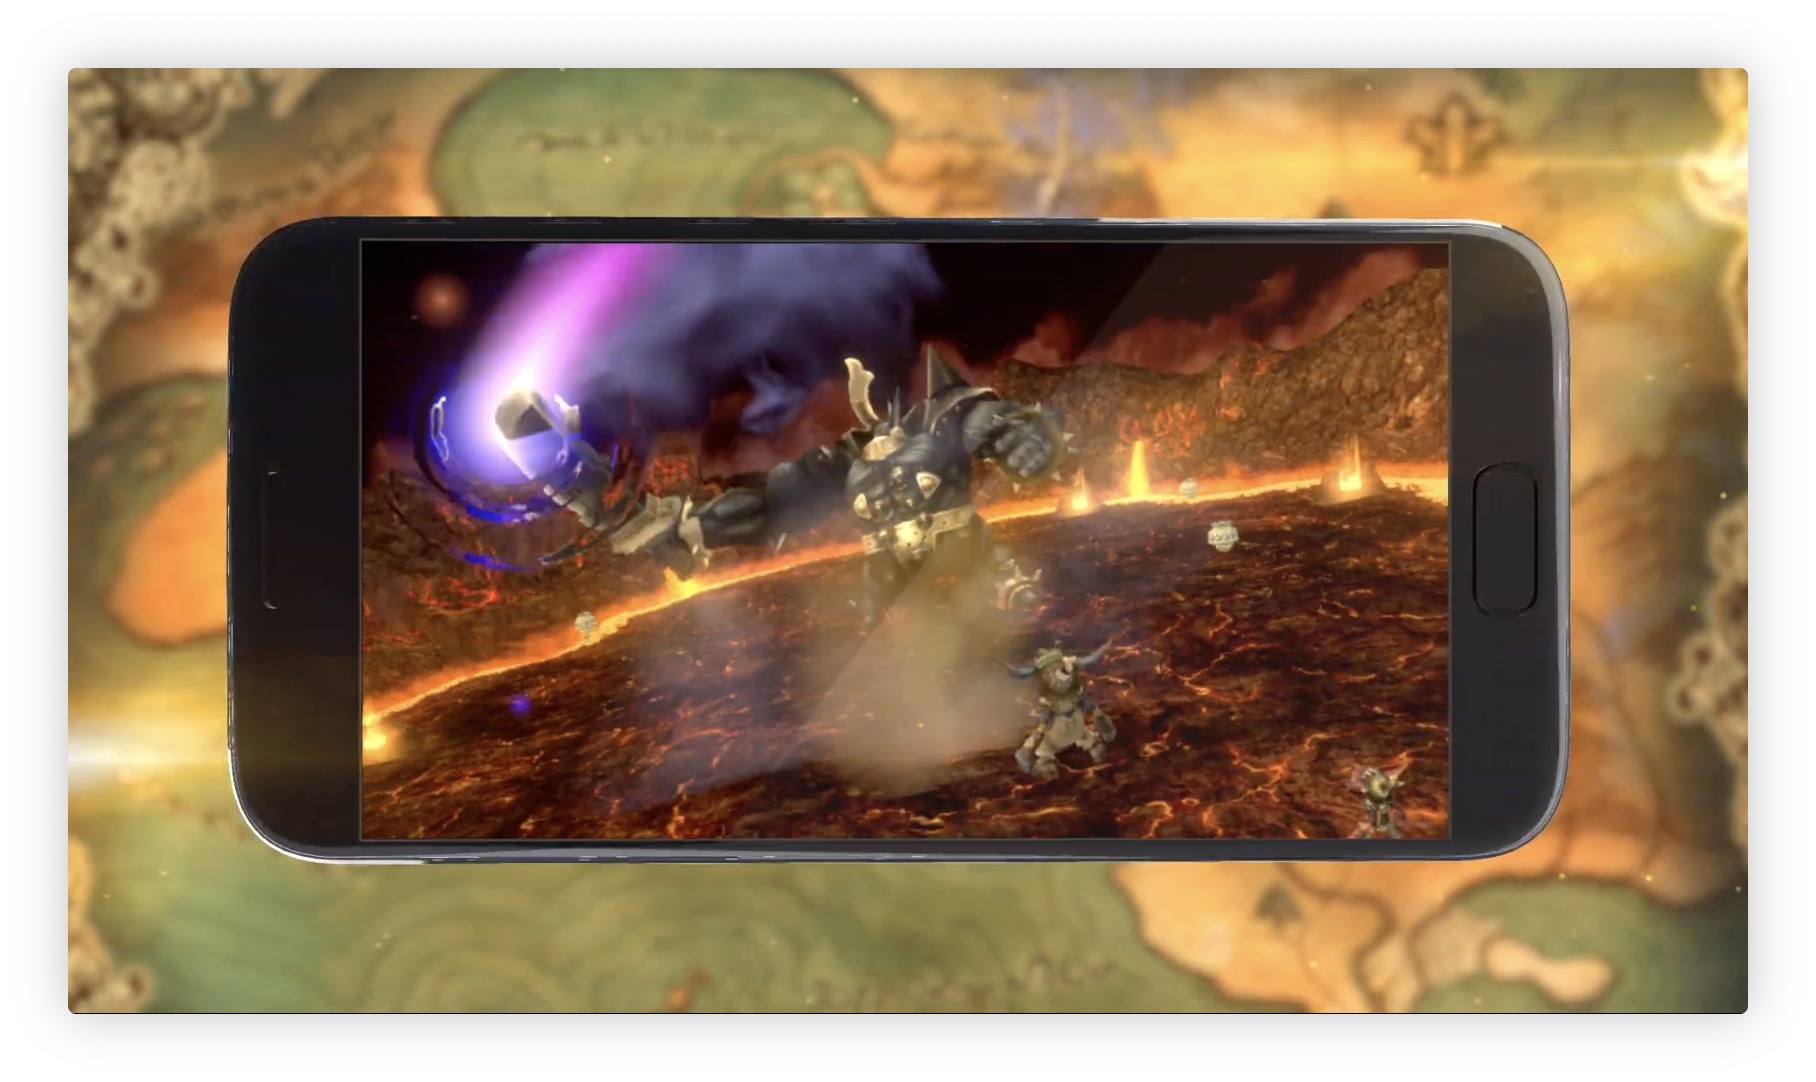 Final Fantasy Crystal Chronicles Remastered Edition : le jeu d'action RPG de la GameCube bientôt sur iPhone, iPad 1